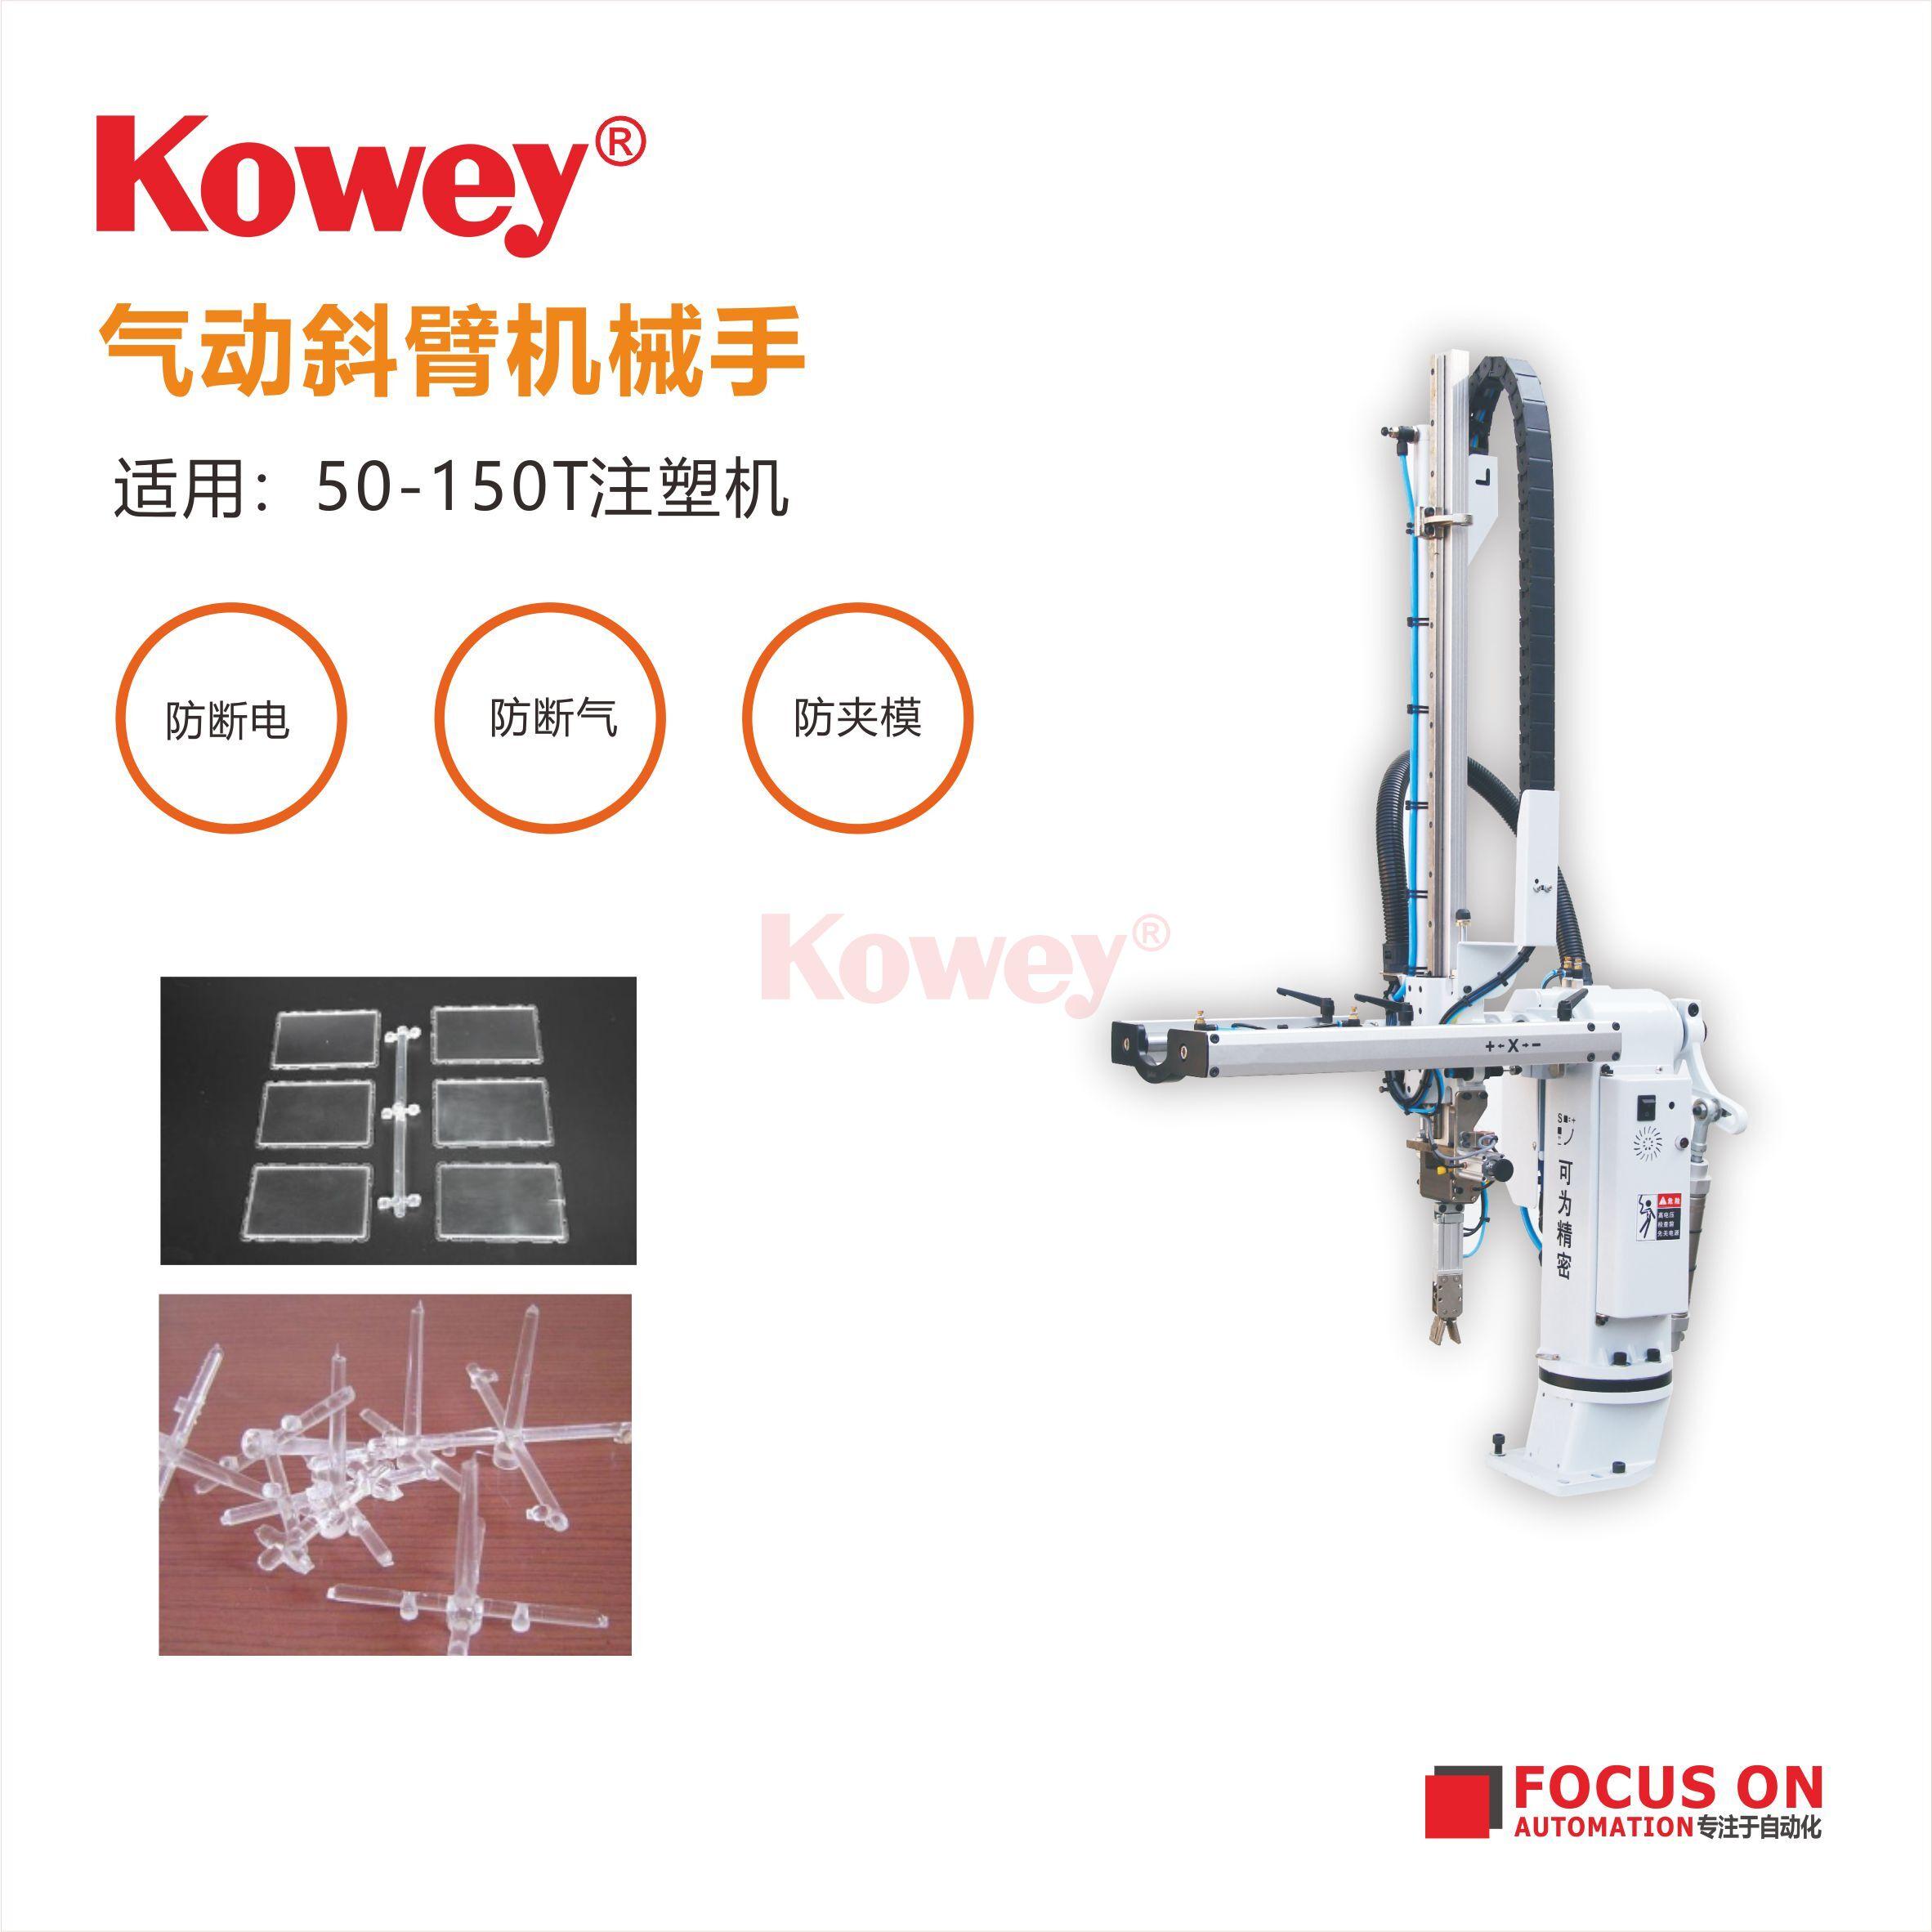 注塑机械手-斜臂机械手-气动机械手(取水口机械手)